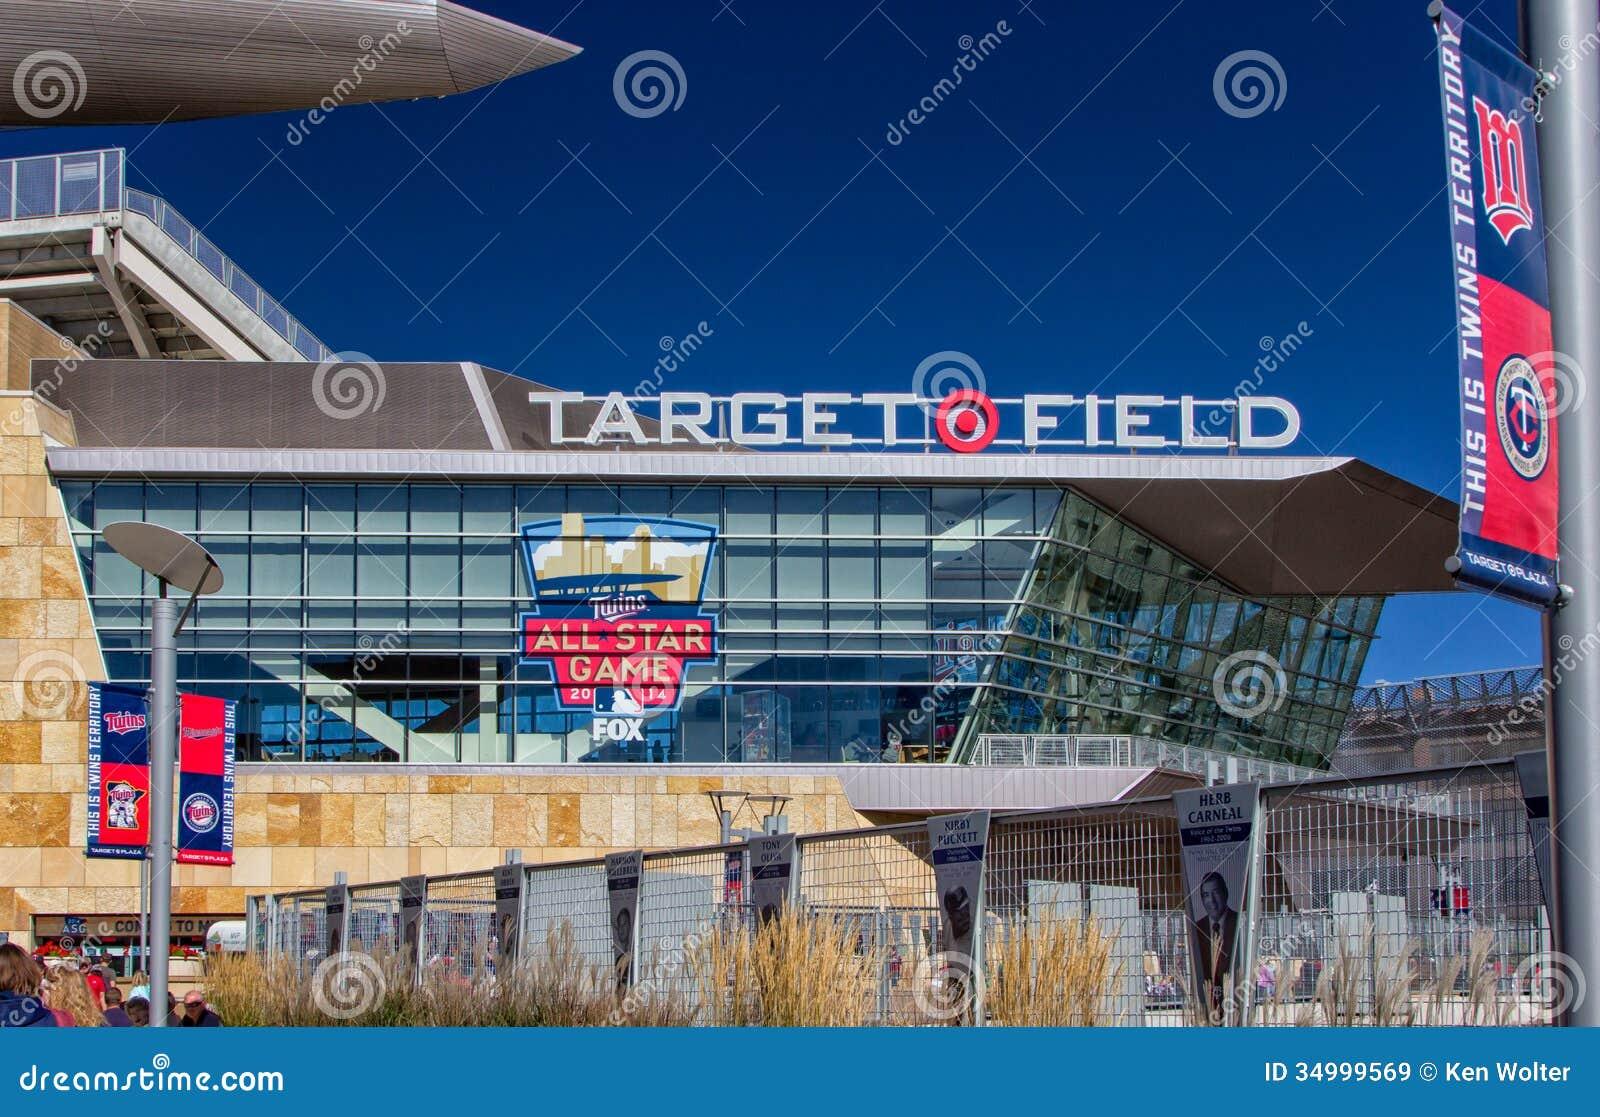 Target Field Editorial Stock Image Image 34999569 Math Wallpaper Golden Find Free HD for Desktop [pastnedes.tk]